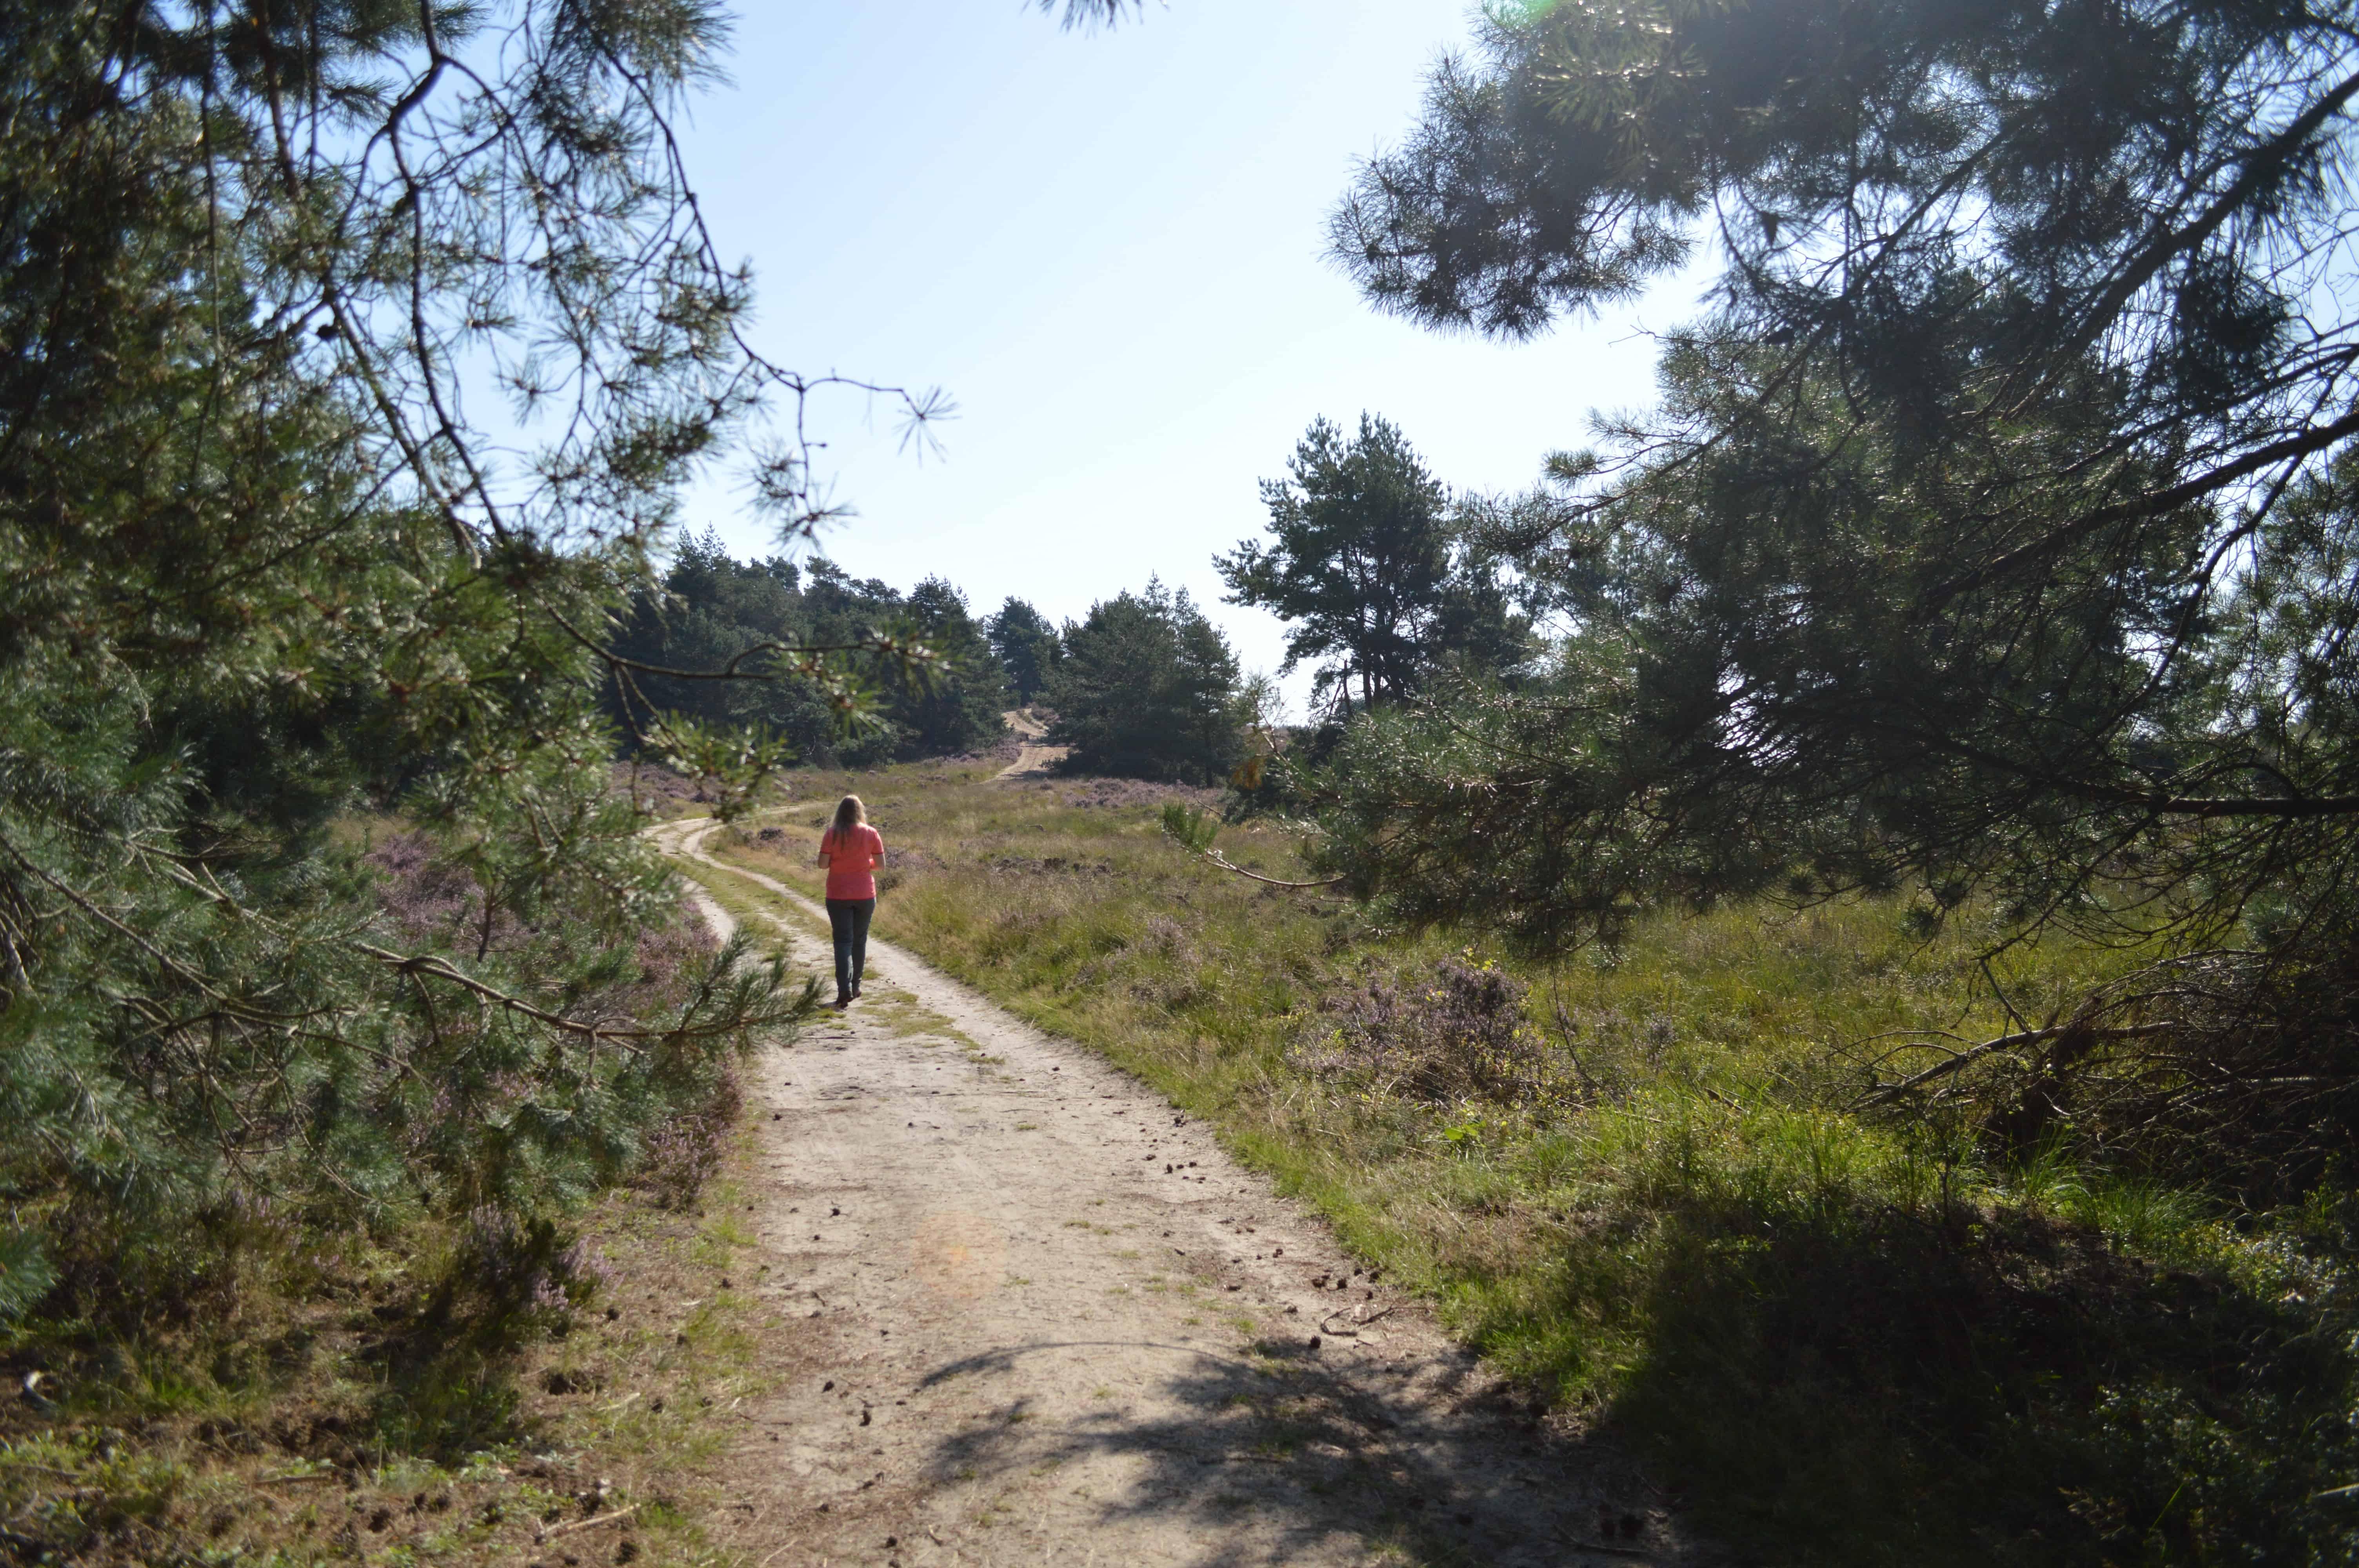 Fijn wandelen langs mooie heide - HappyHikers